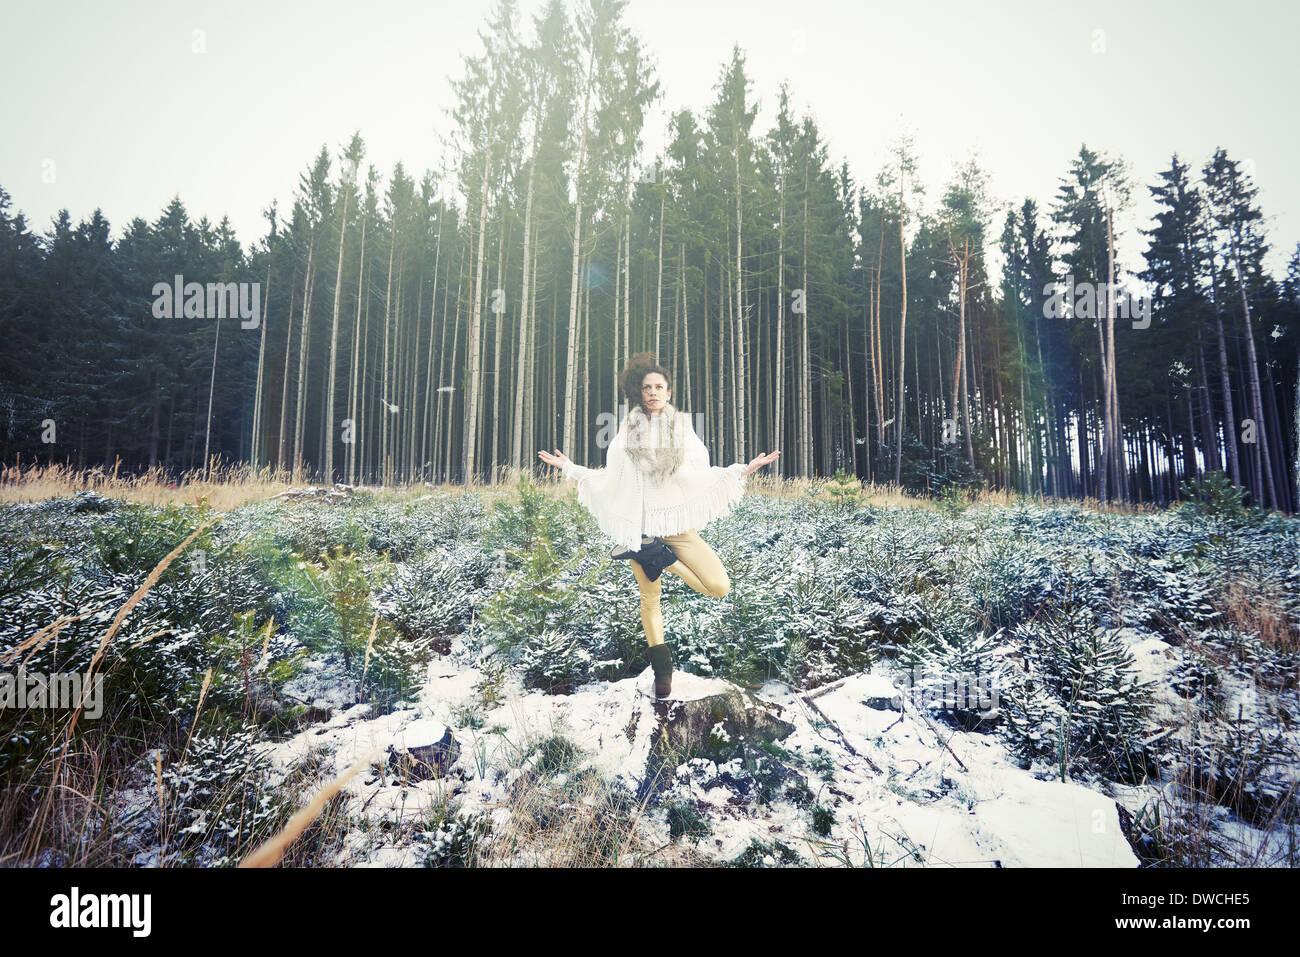 Mitte Erwachsene Frau stehenden Baum Yoga zu praktizieren stellen Sie im Wald Stockbild